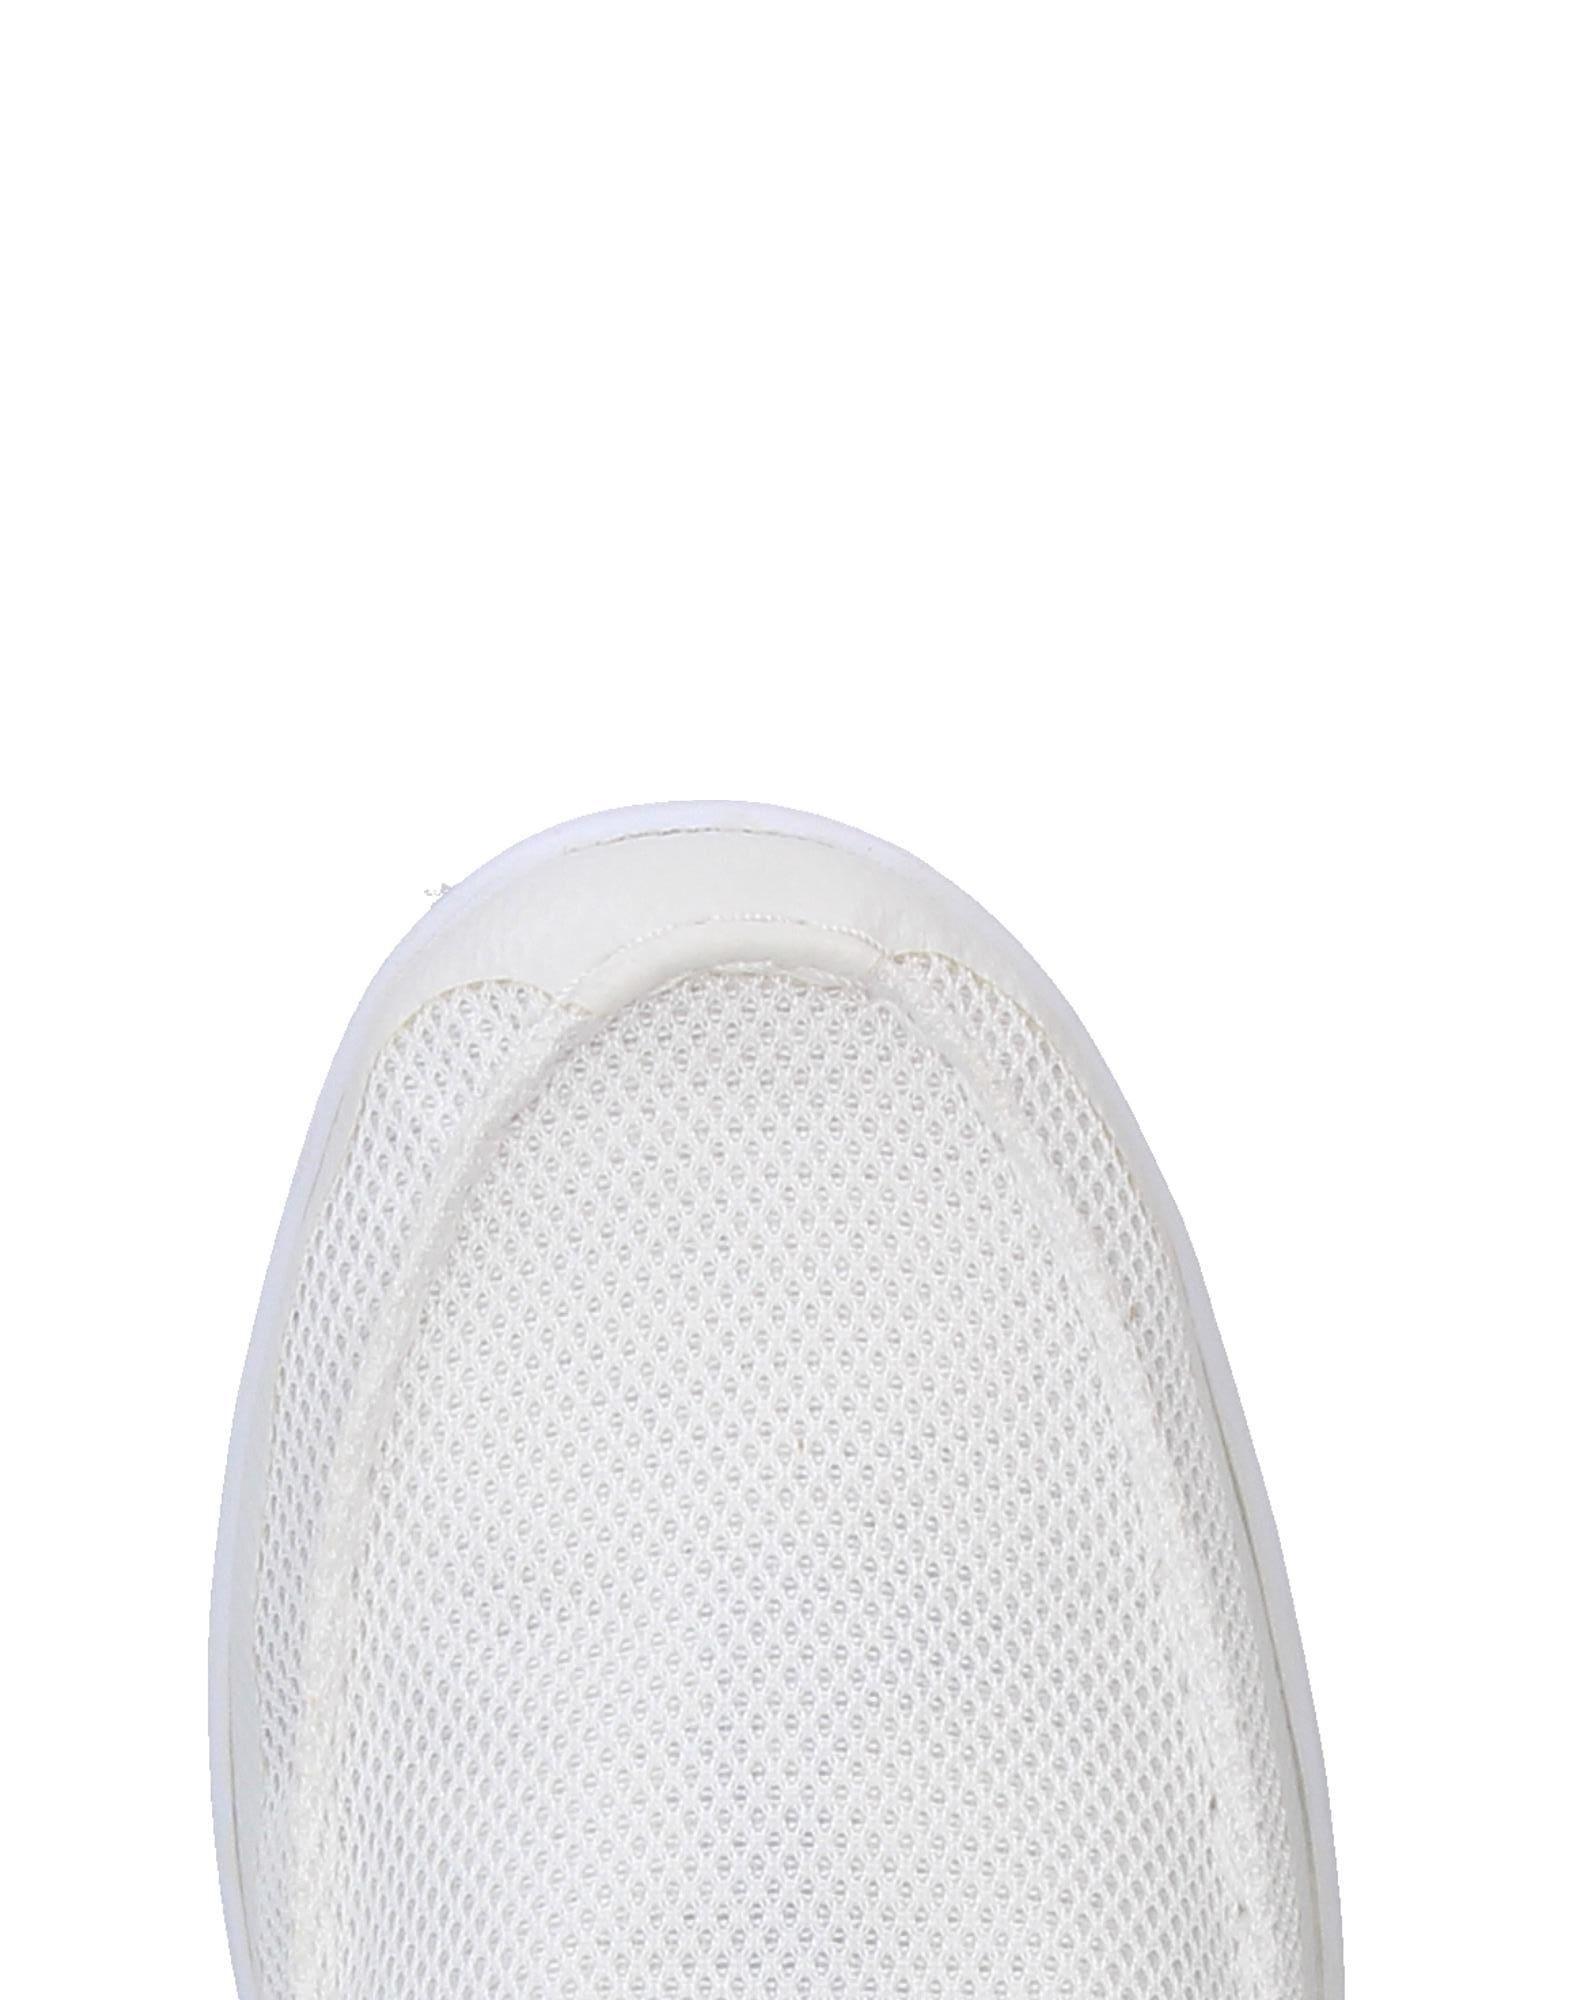 Lacoste Sneakers Sneakers Lacoste Herren Gutes Preis-Leistungs-Verhältnis, es lohnt sich 0e6b6b